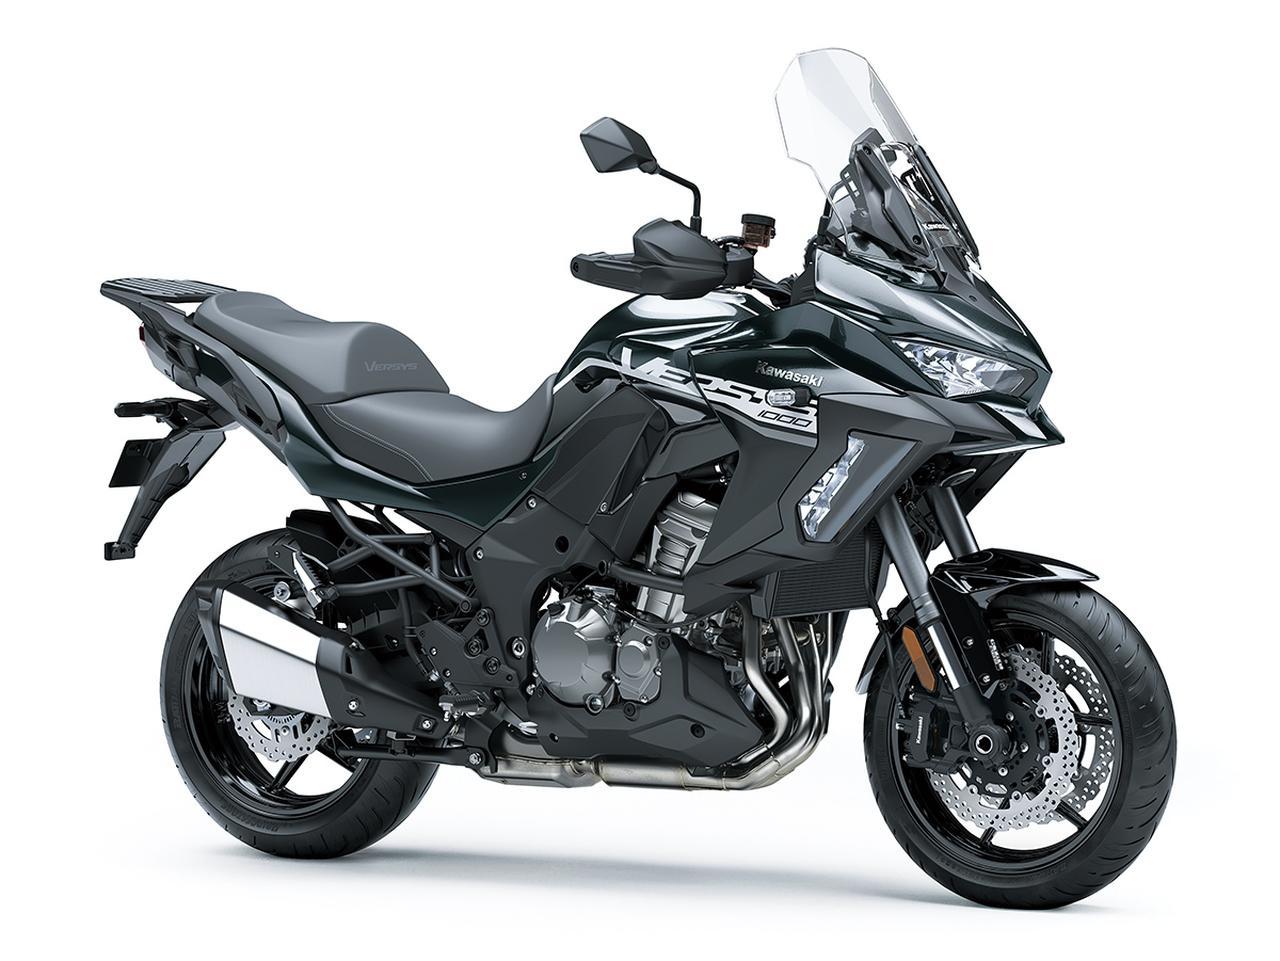 カワサキ「ヴェルシス1000 SE」【1分で読める 2021年に新車で購入可能なバイク紹介】